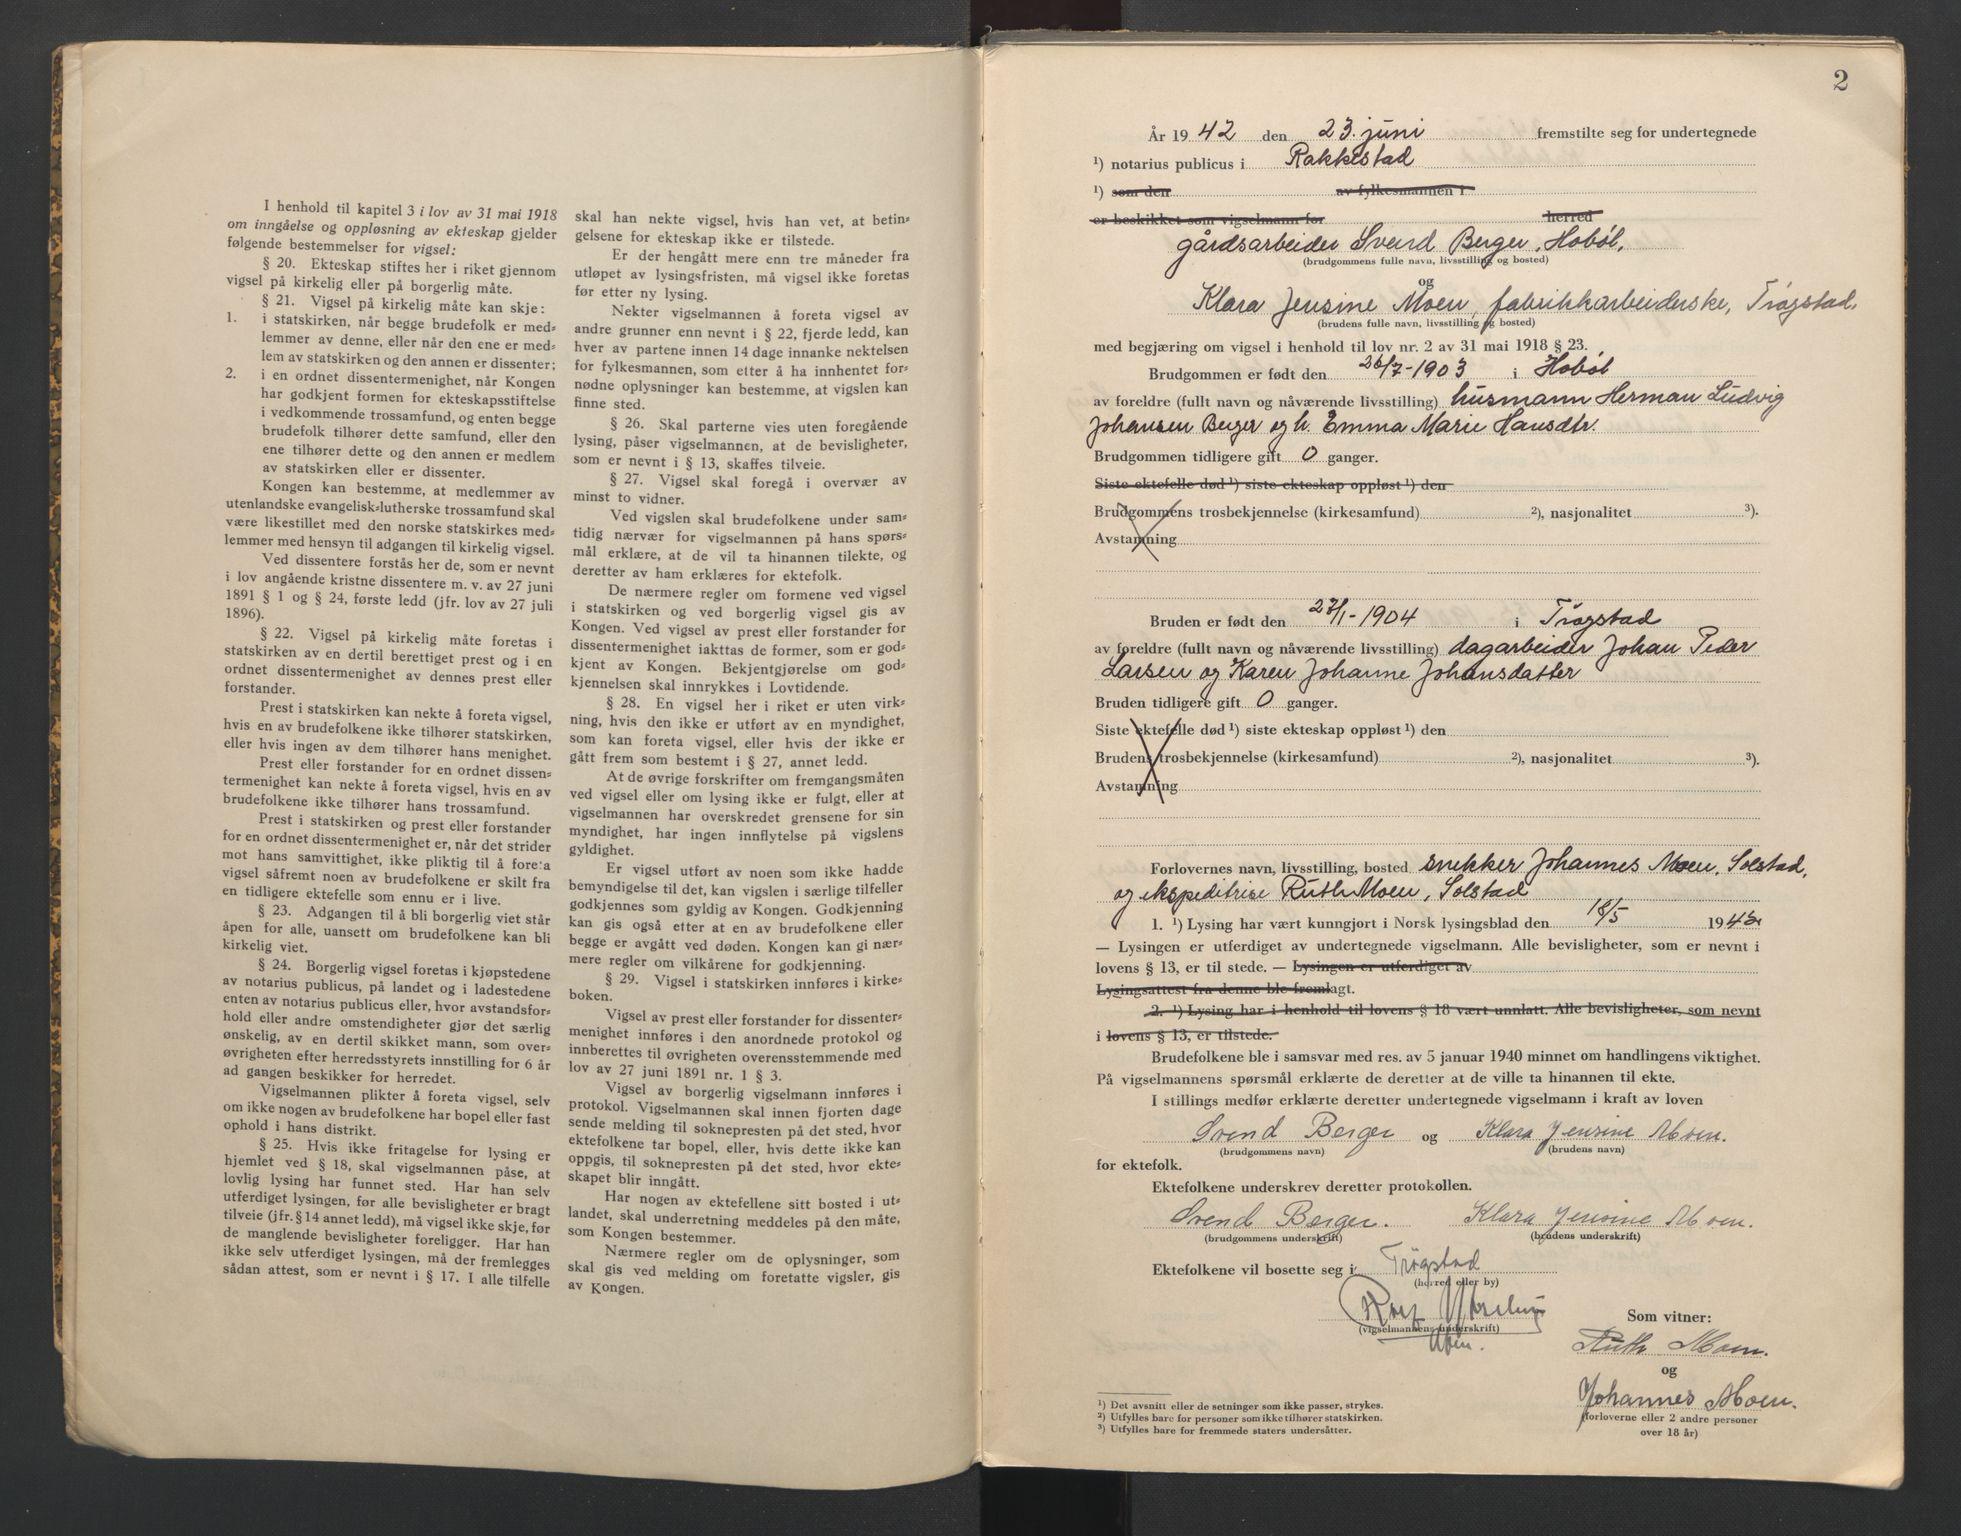 SAO, Rakkestad sorenskriveri, L/Lc/Lca/L0002: Vigselbøker, 1942-1943, s. 2